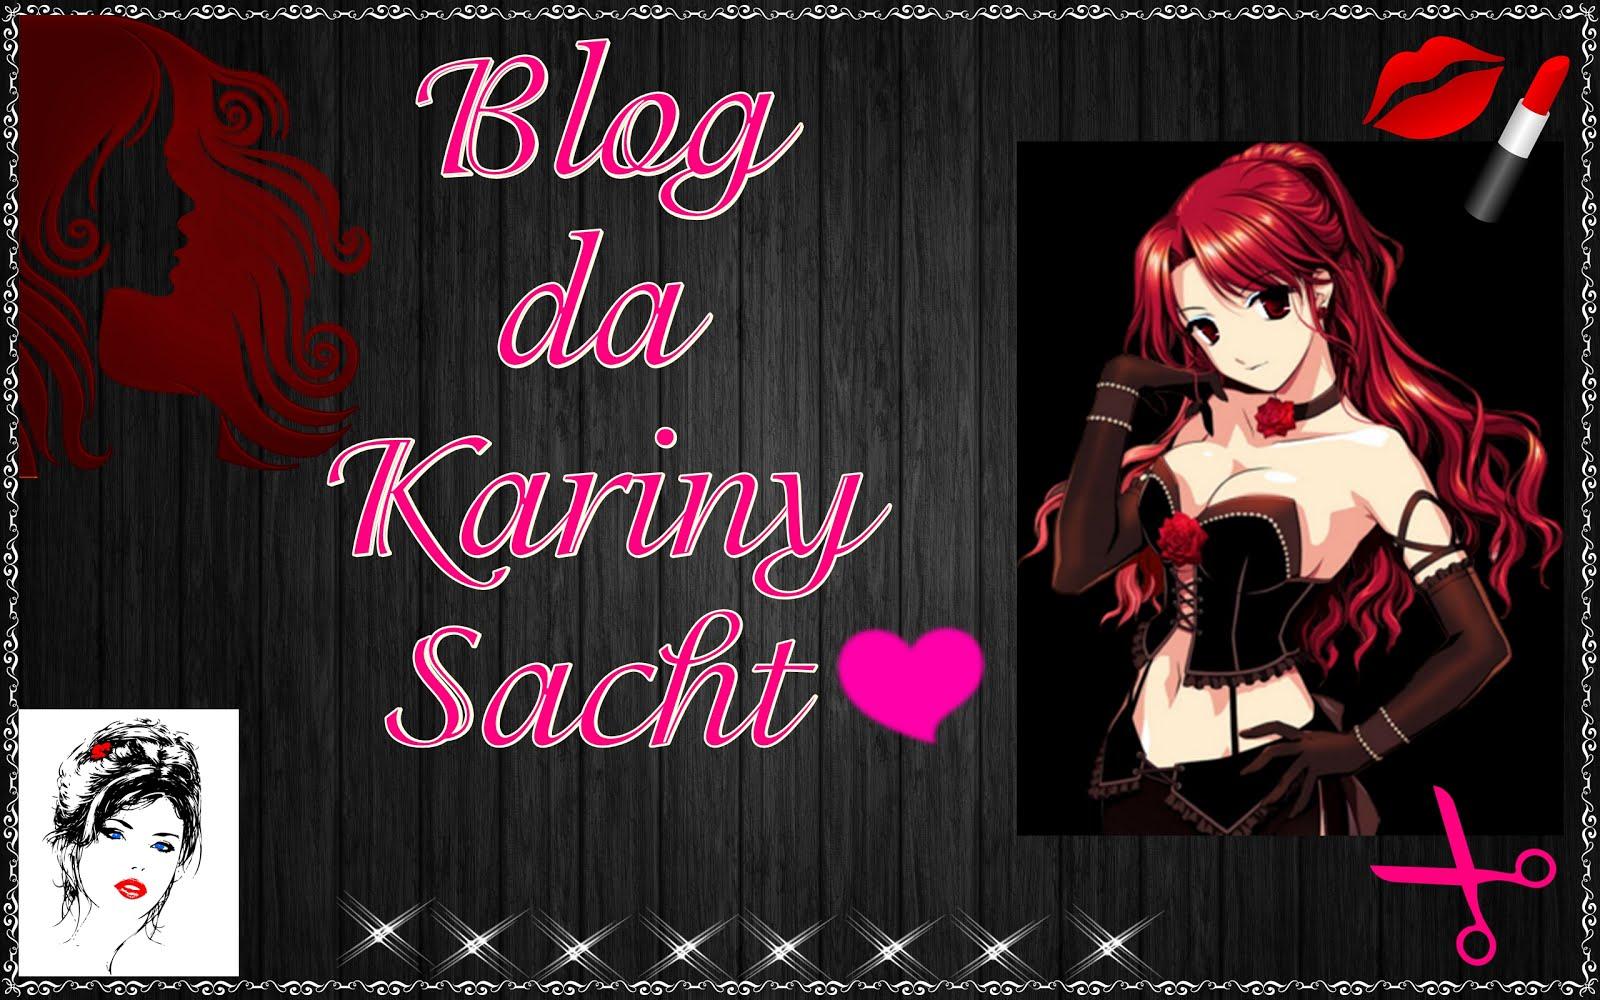 Blog da Kariny Sacht